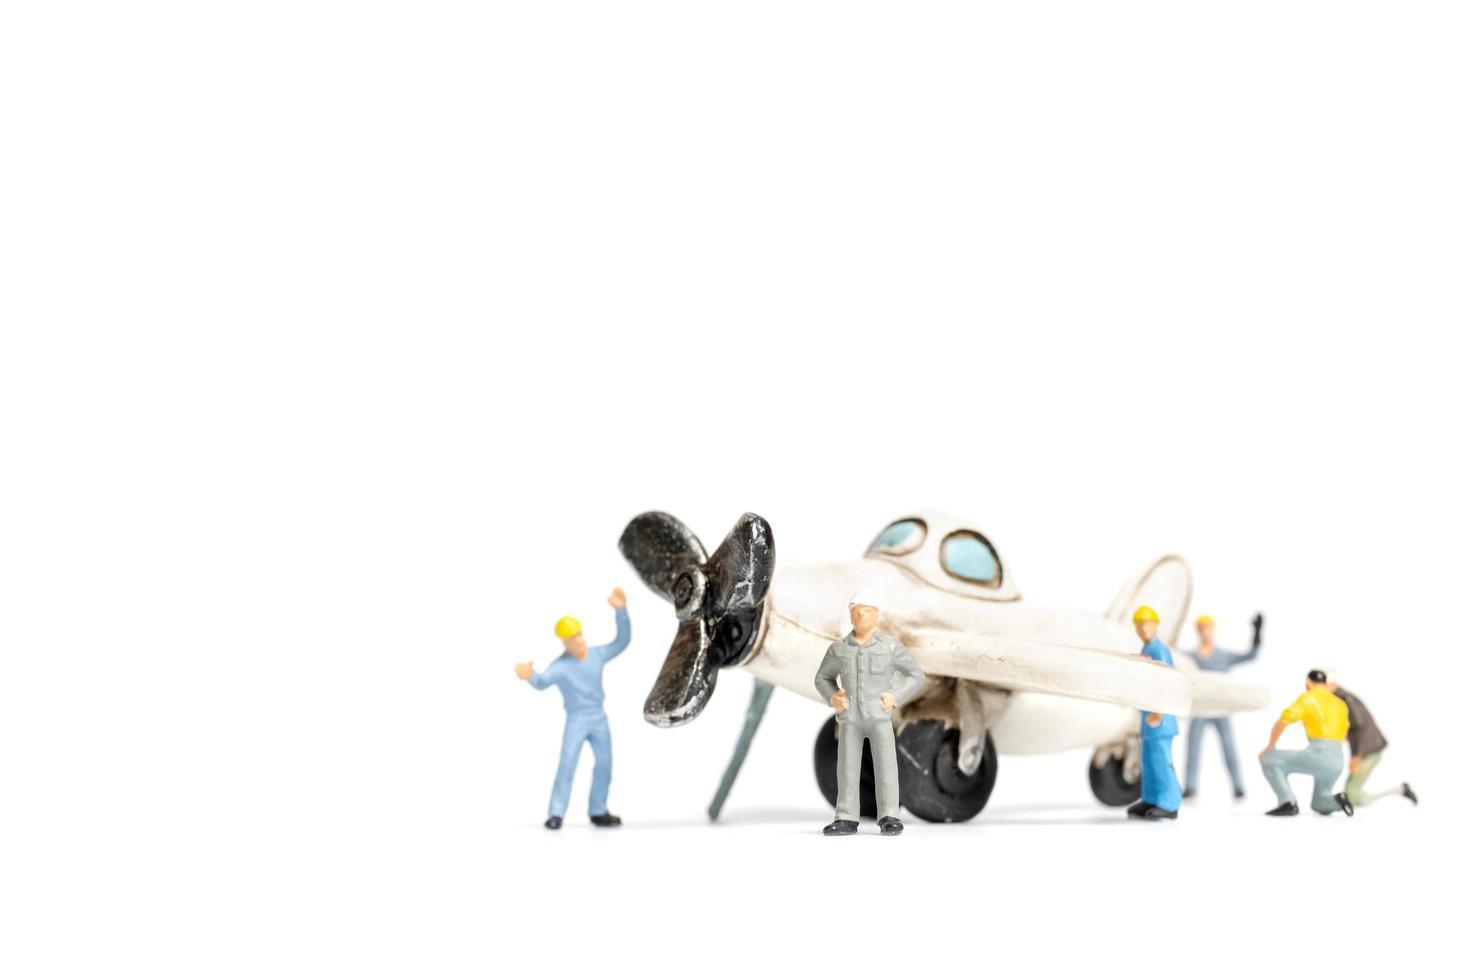 trabalhadores em miniatura consertando um avião de brinquedo em um fundo branco foto